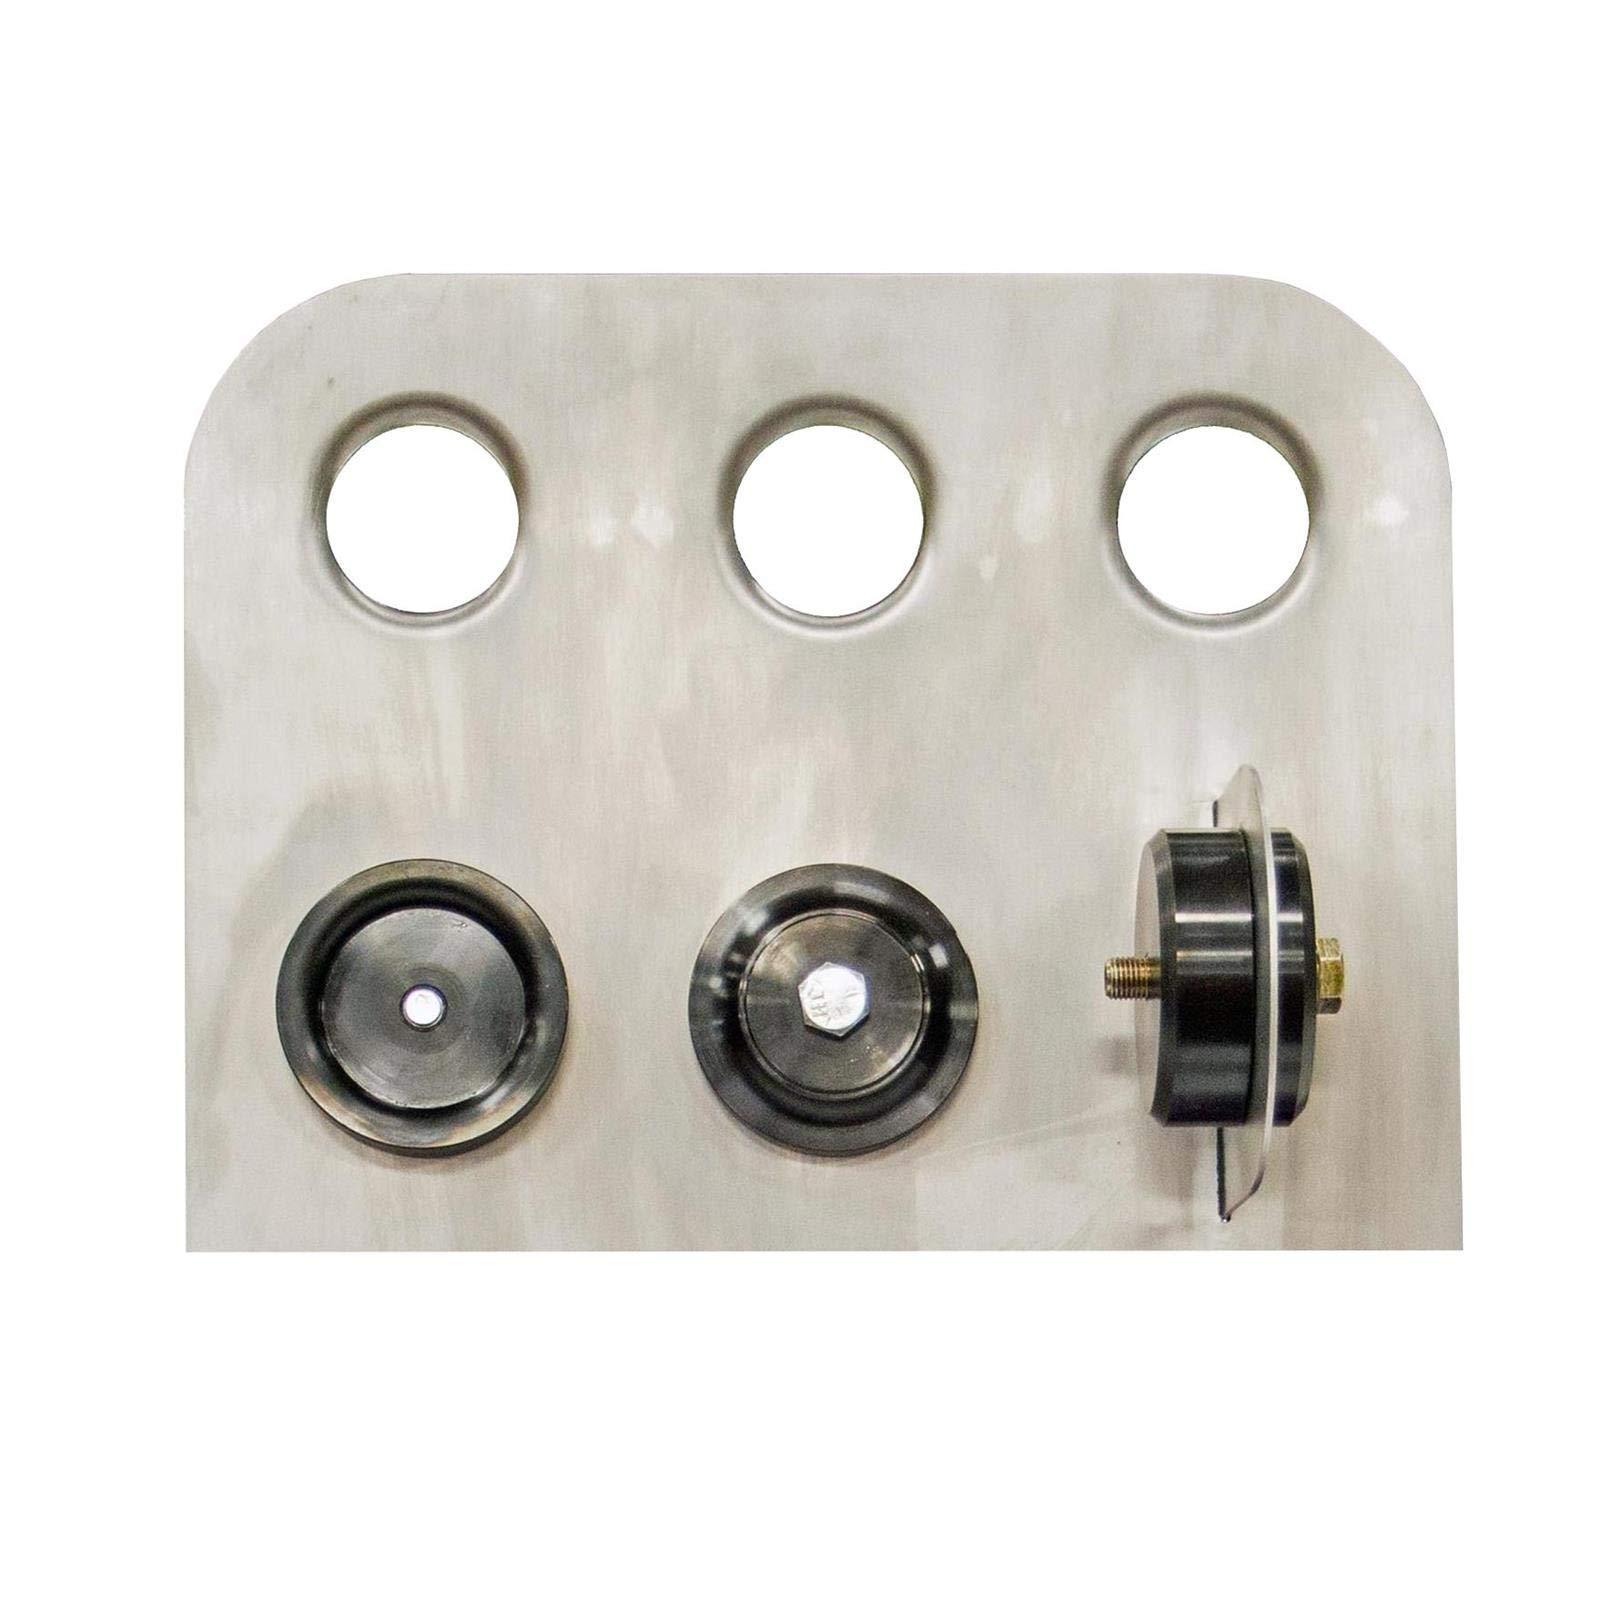 Deluxe Sheet Metal Flare Dimple Die Kit by Speedway Motors (Image #4)